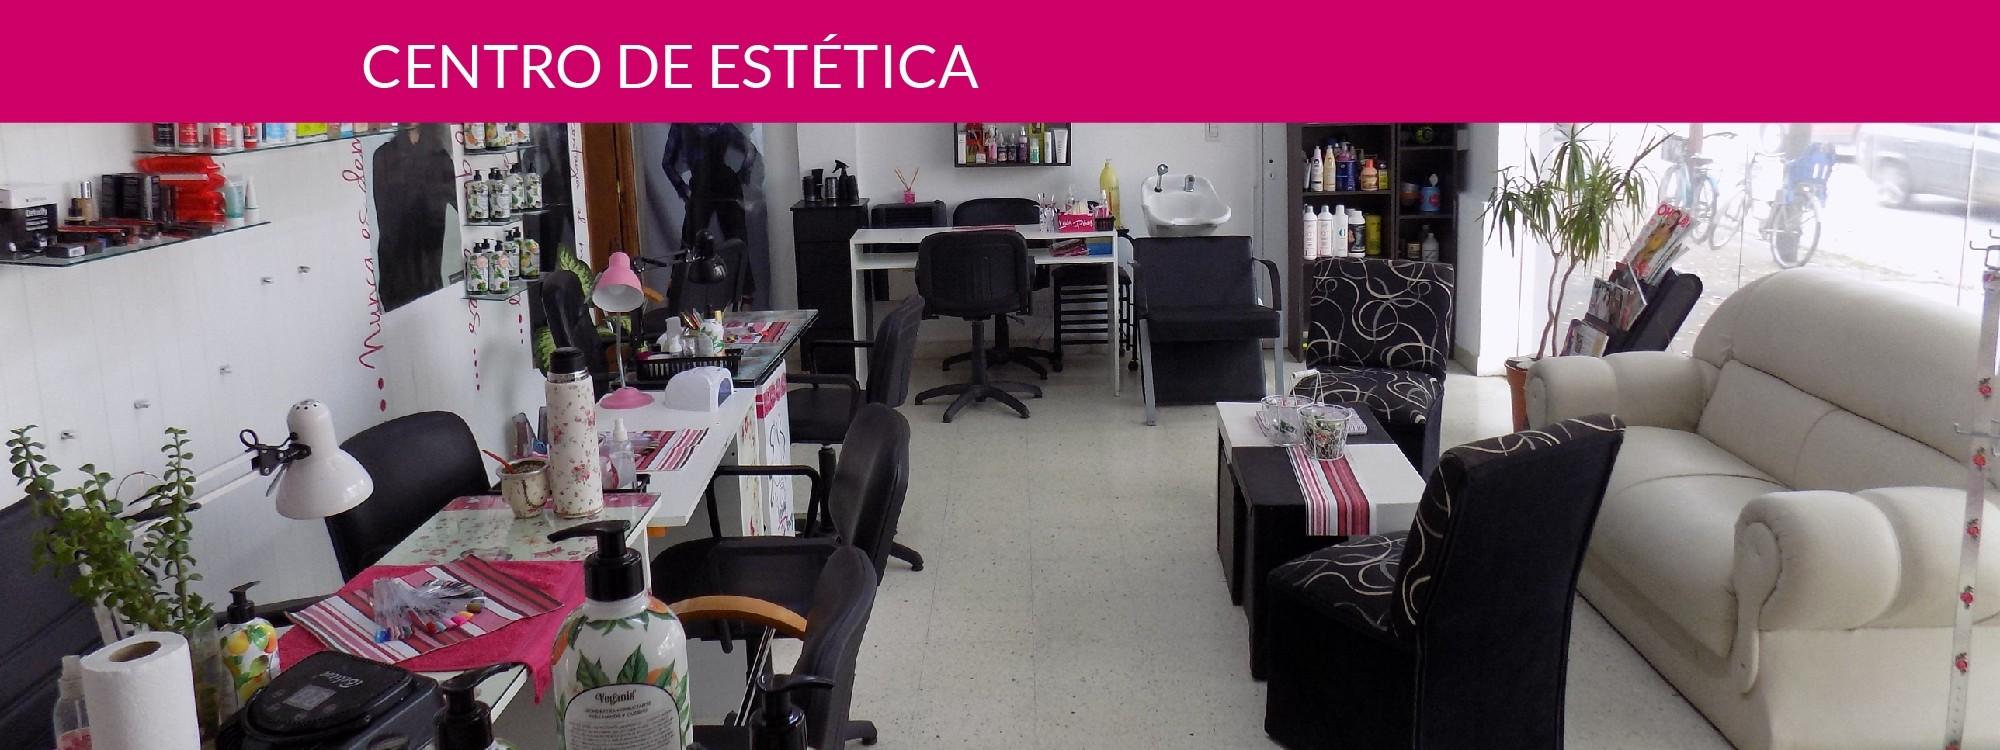 Centro de estetica Leidy Perez